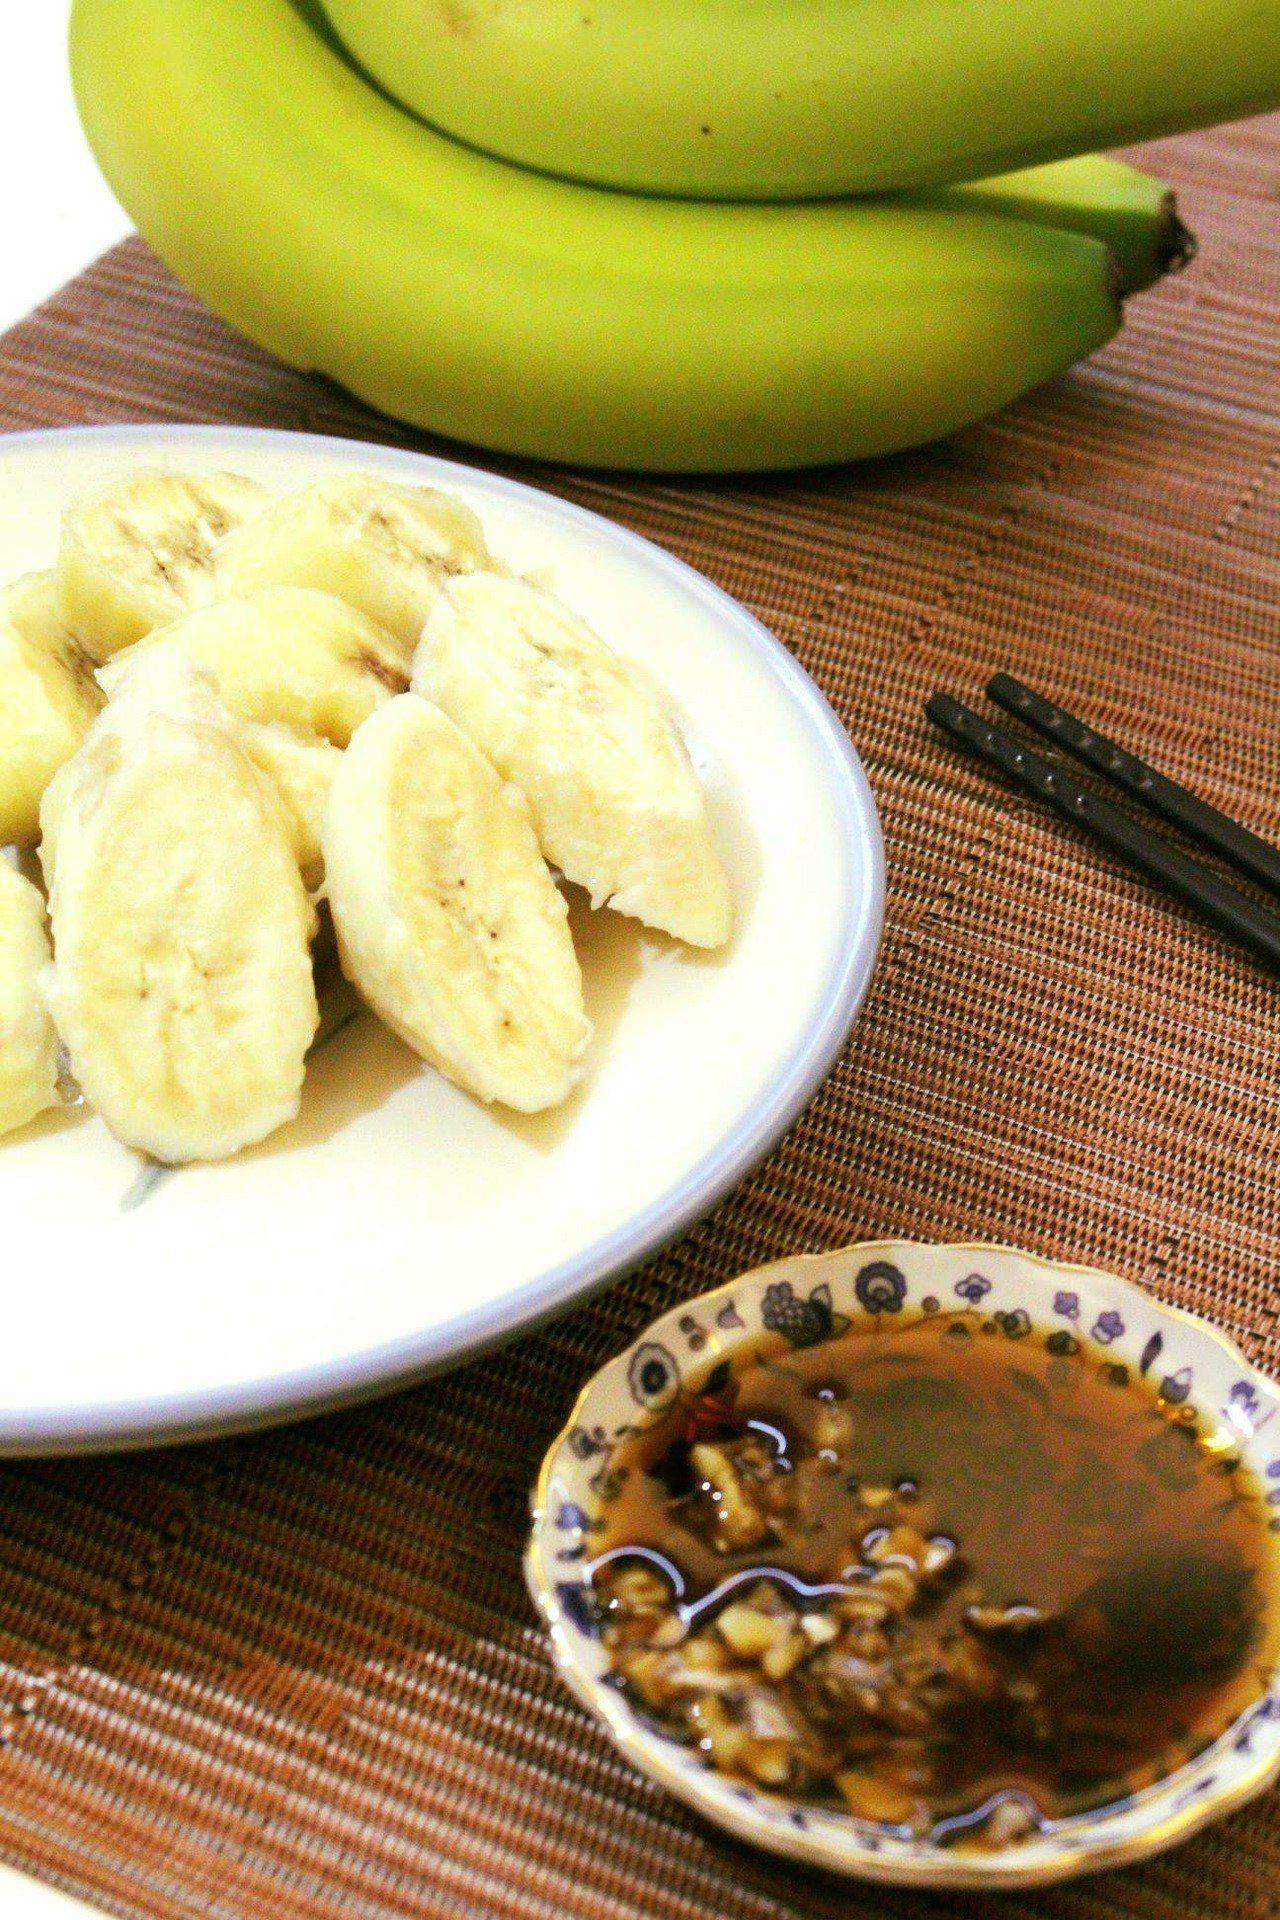 黃婉玲示範水煮香蕉蘸醬油吃法。圖/取自黃婉玲烹飪教室粉絲頁